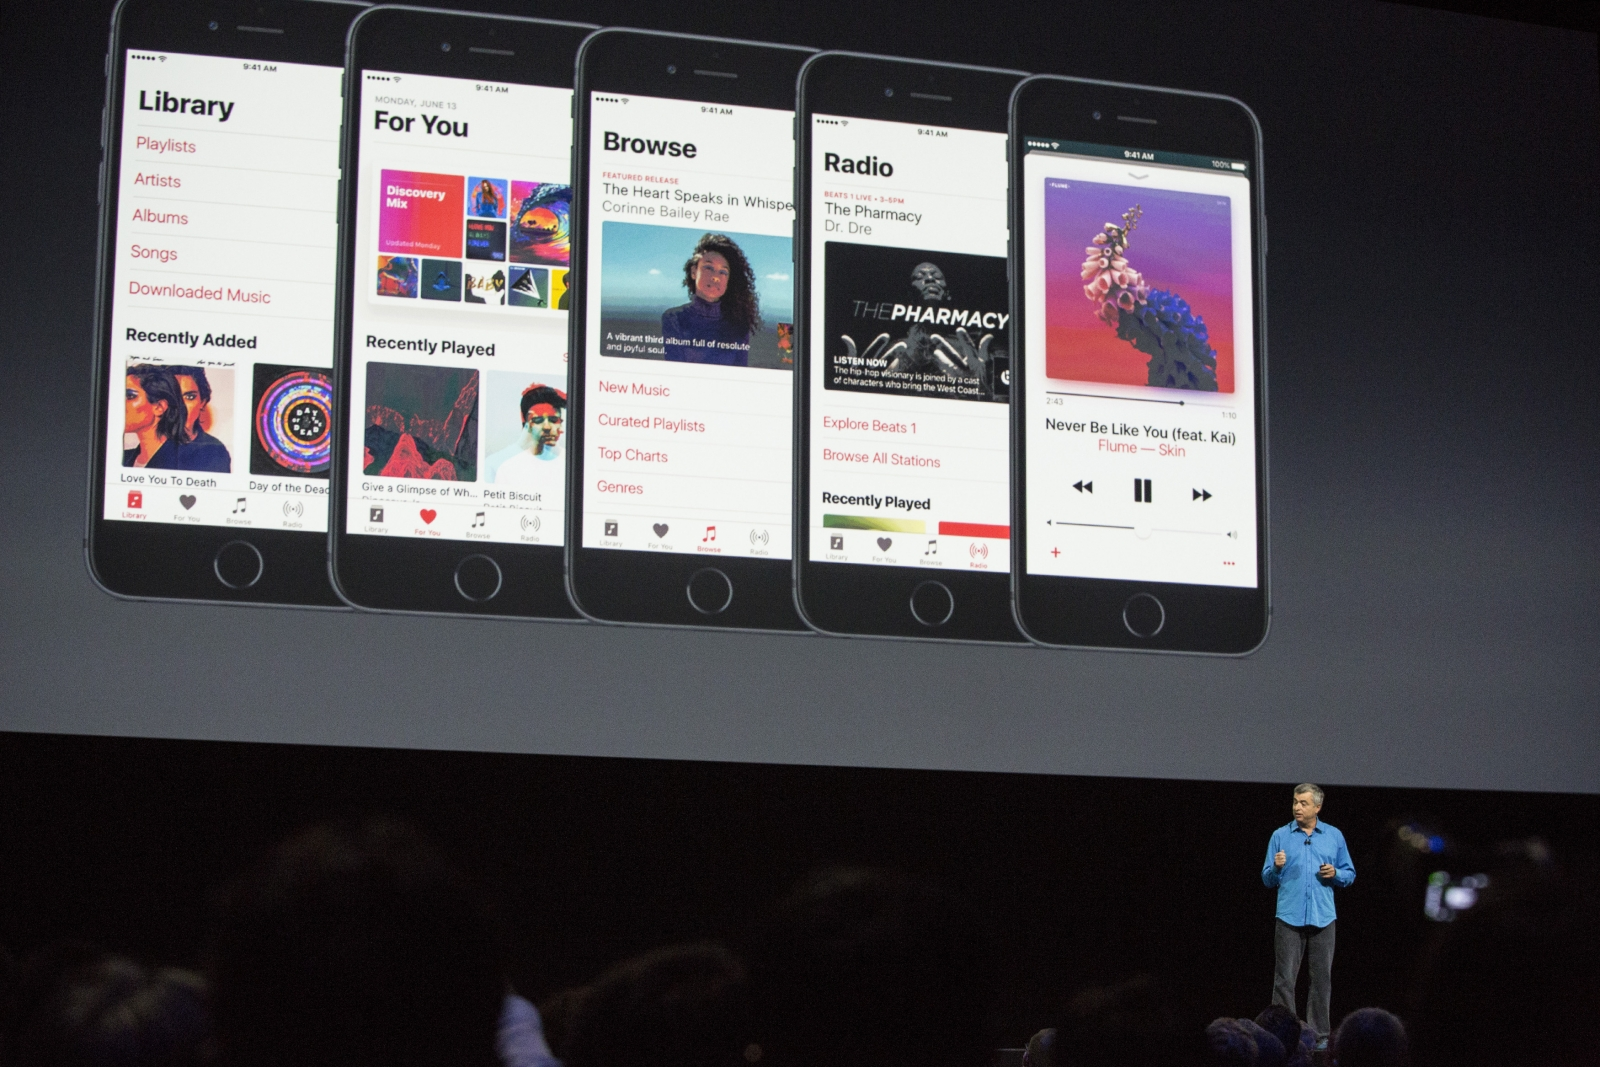 Apple announces iOS 10